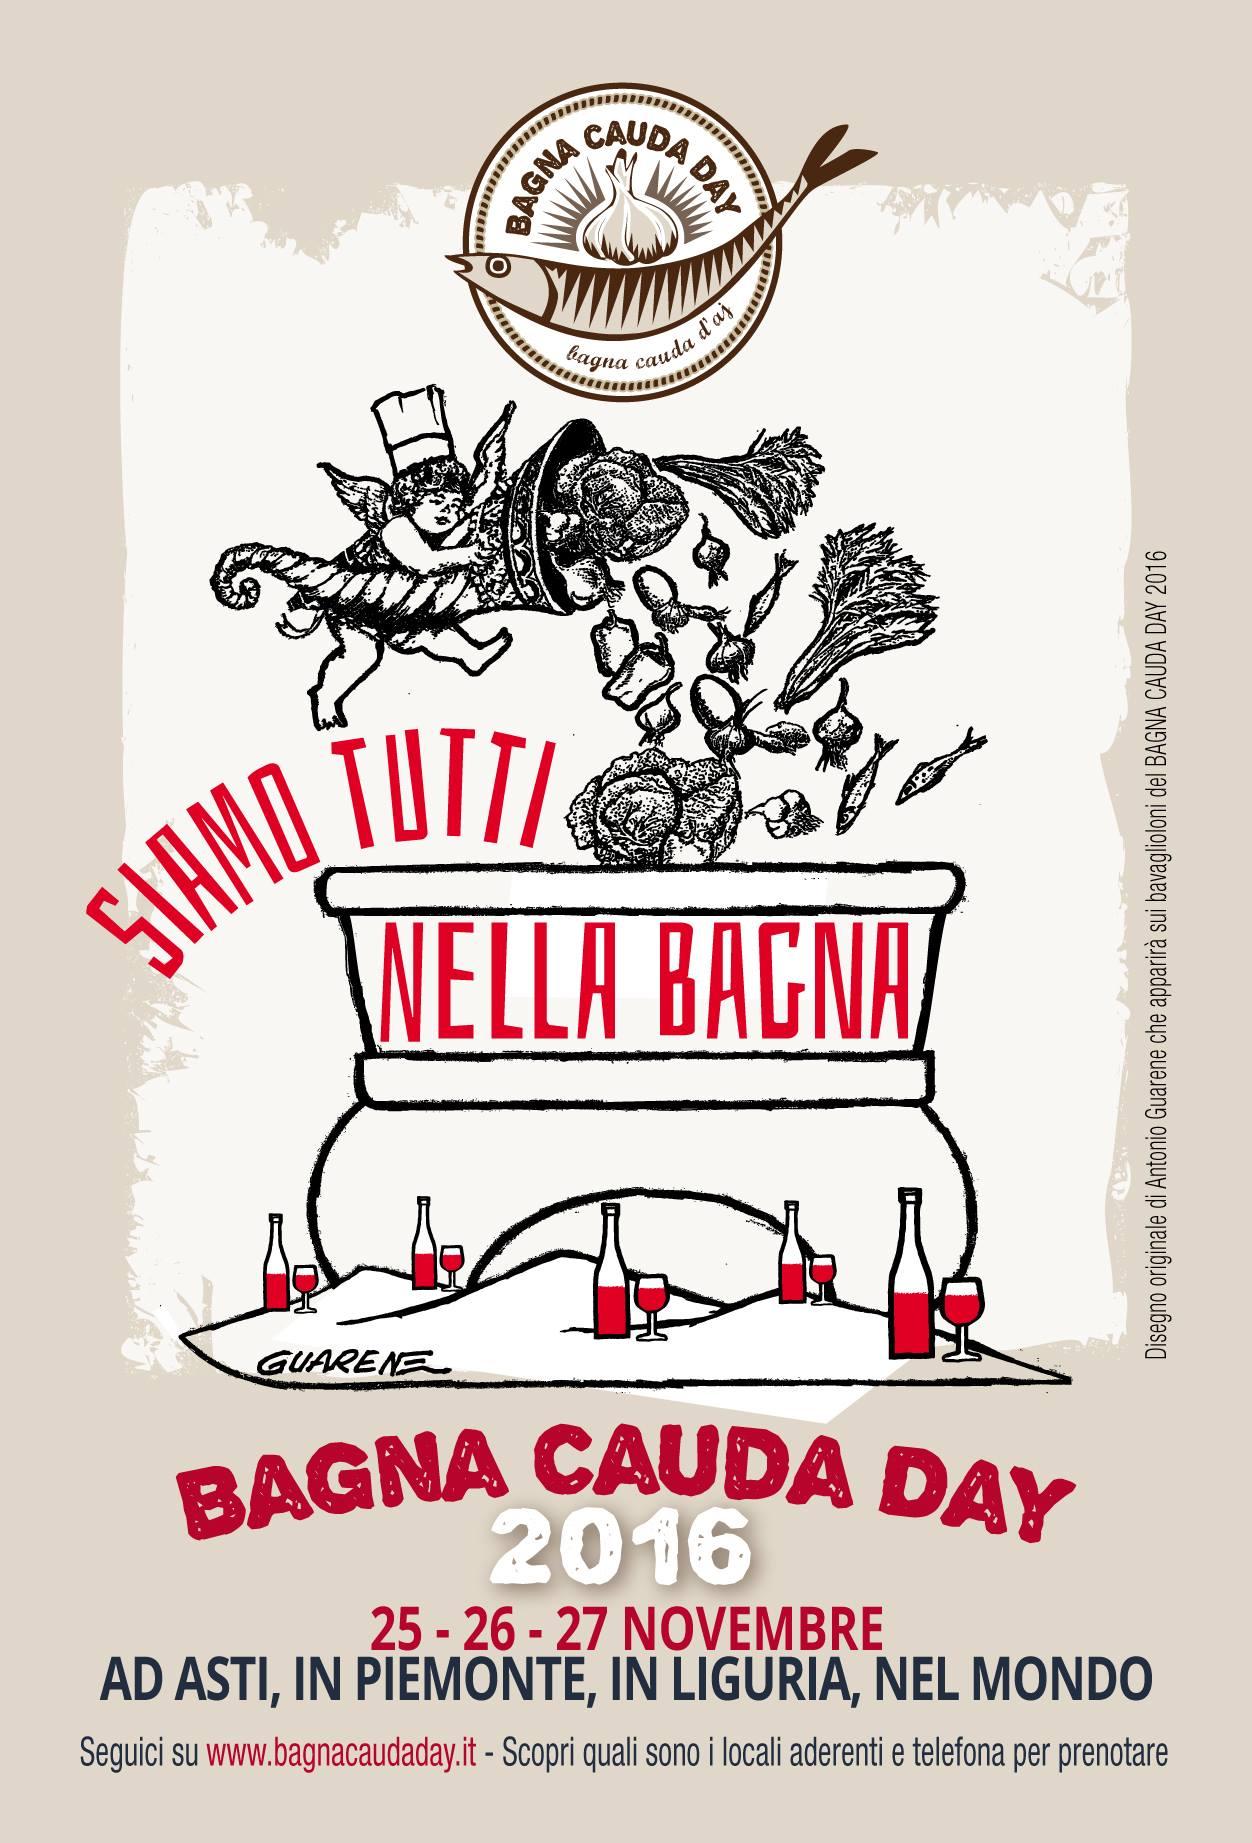 Vini Bava per il Bagna Cauda Day ad Asti - Azienda Vitivinicola e ...